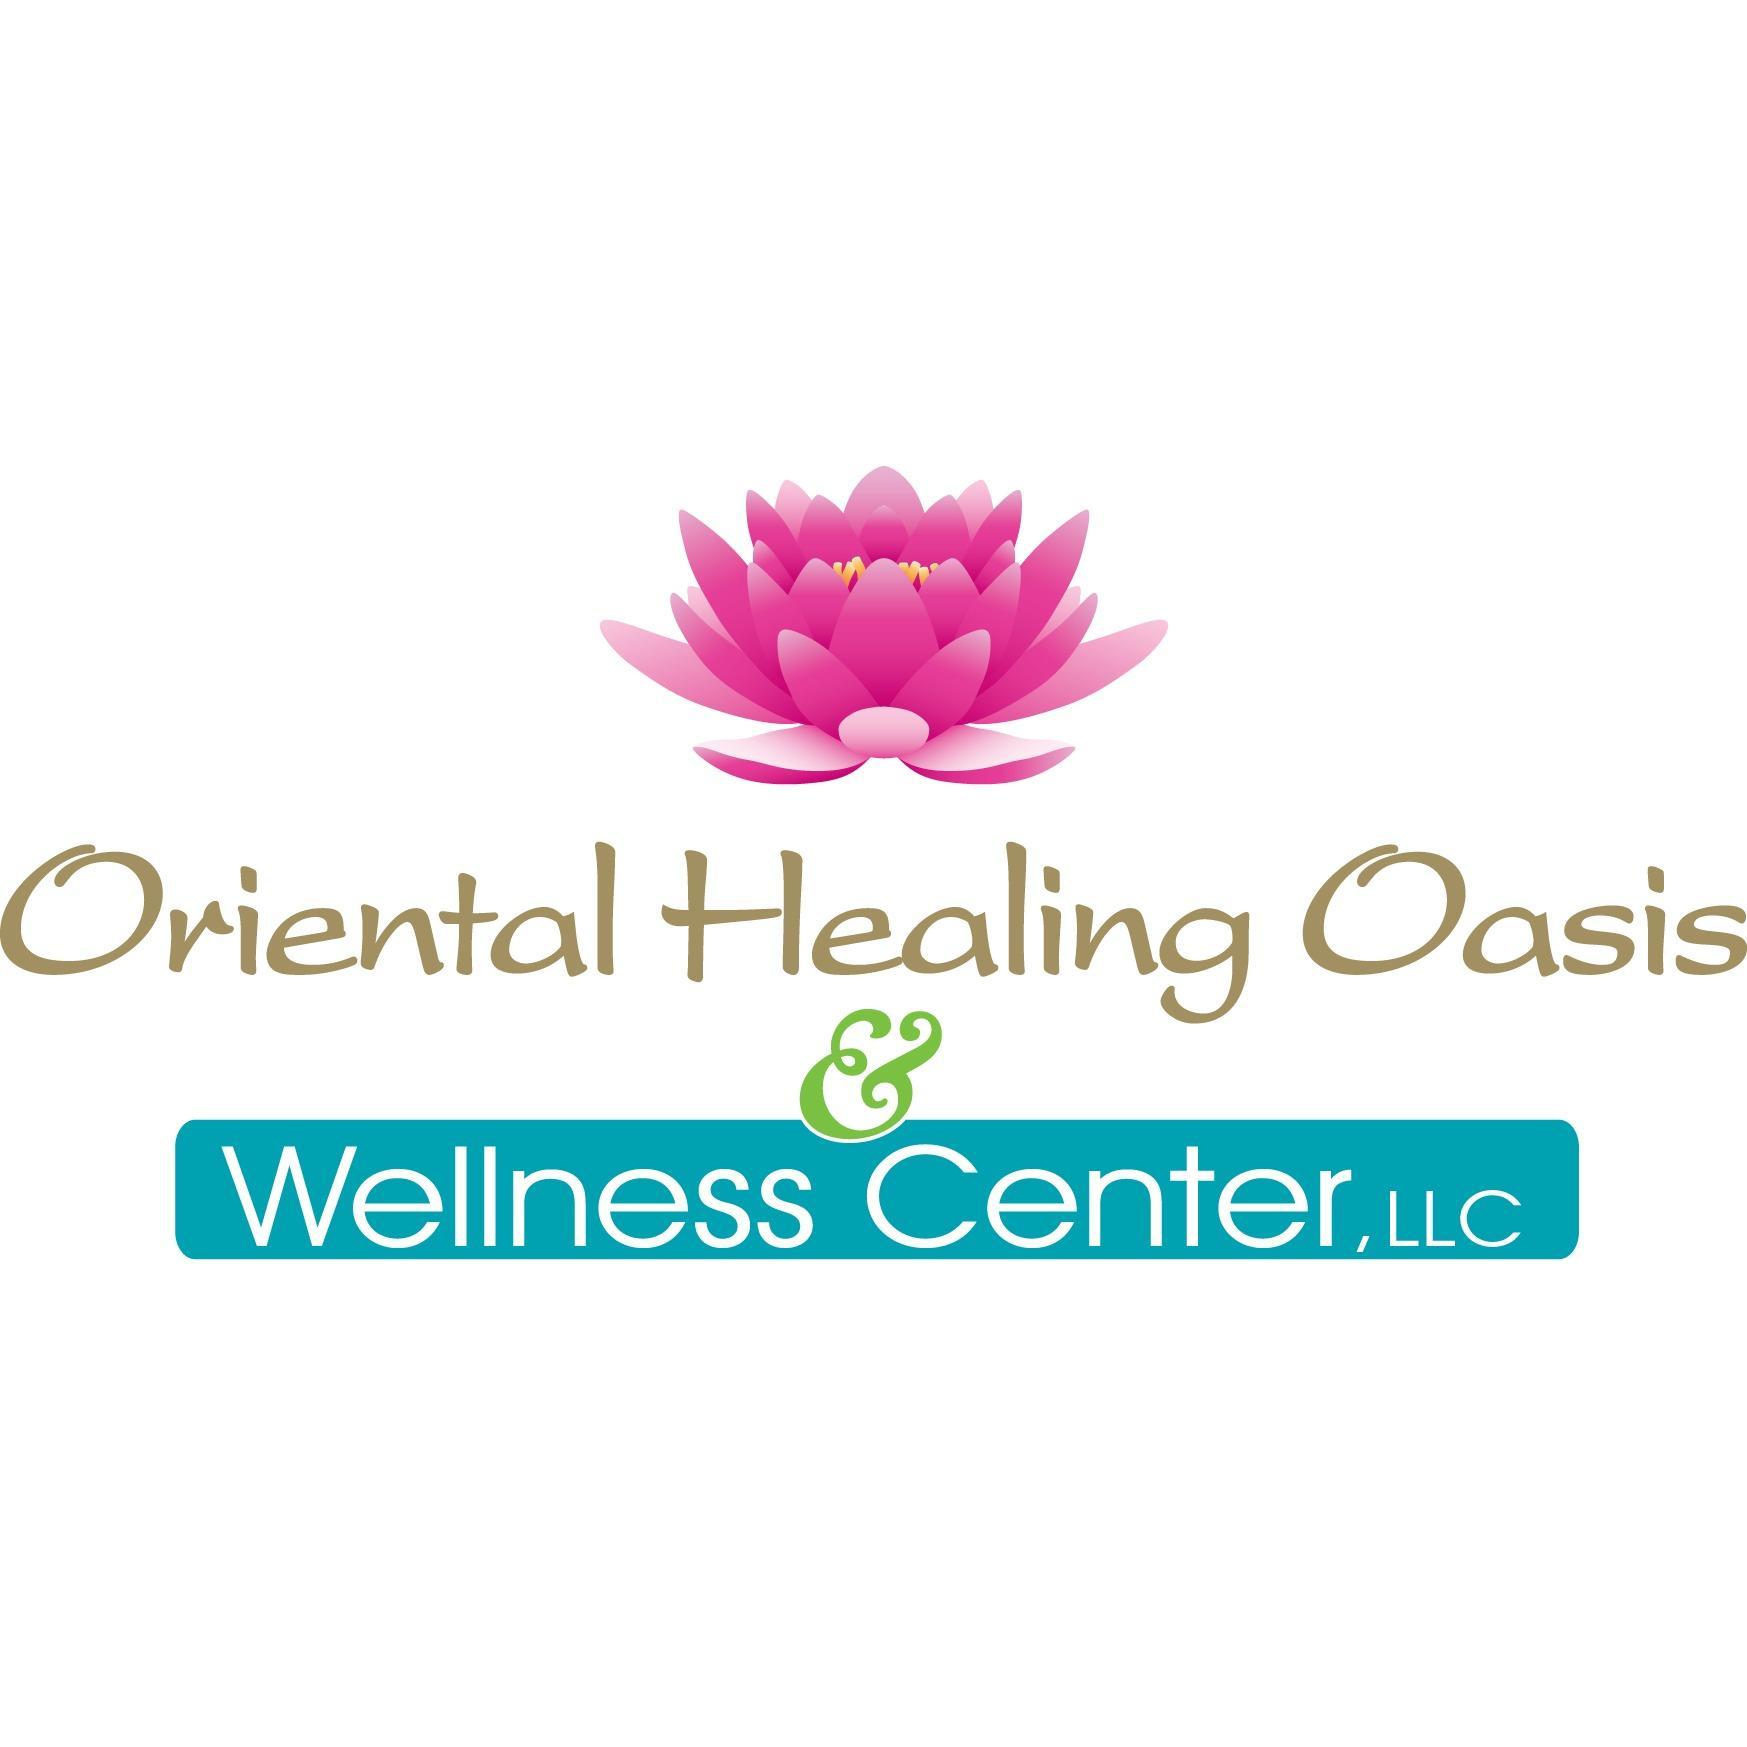 Oriental Healing Oasis & Wellness Center LLC